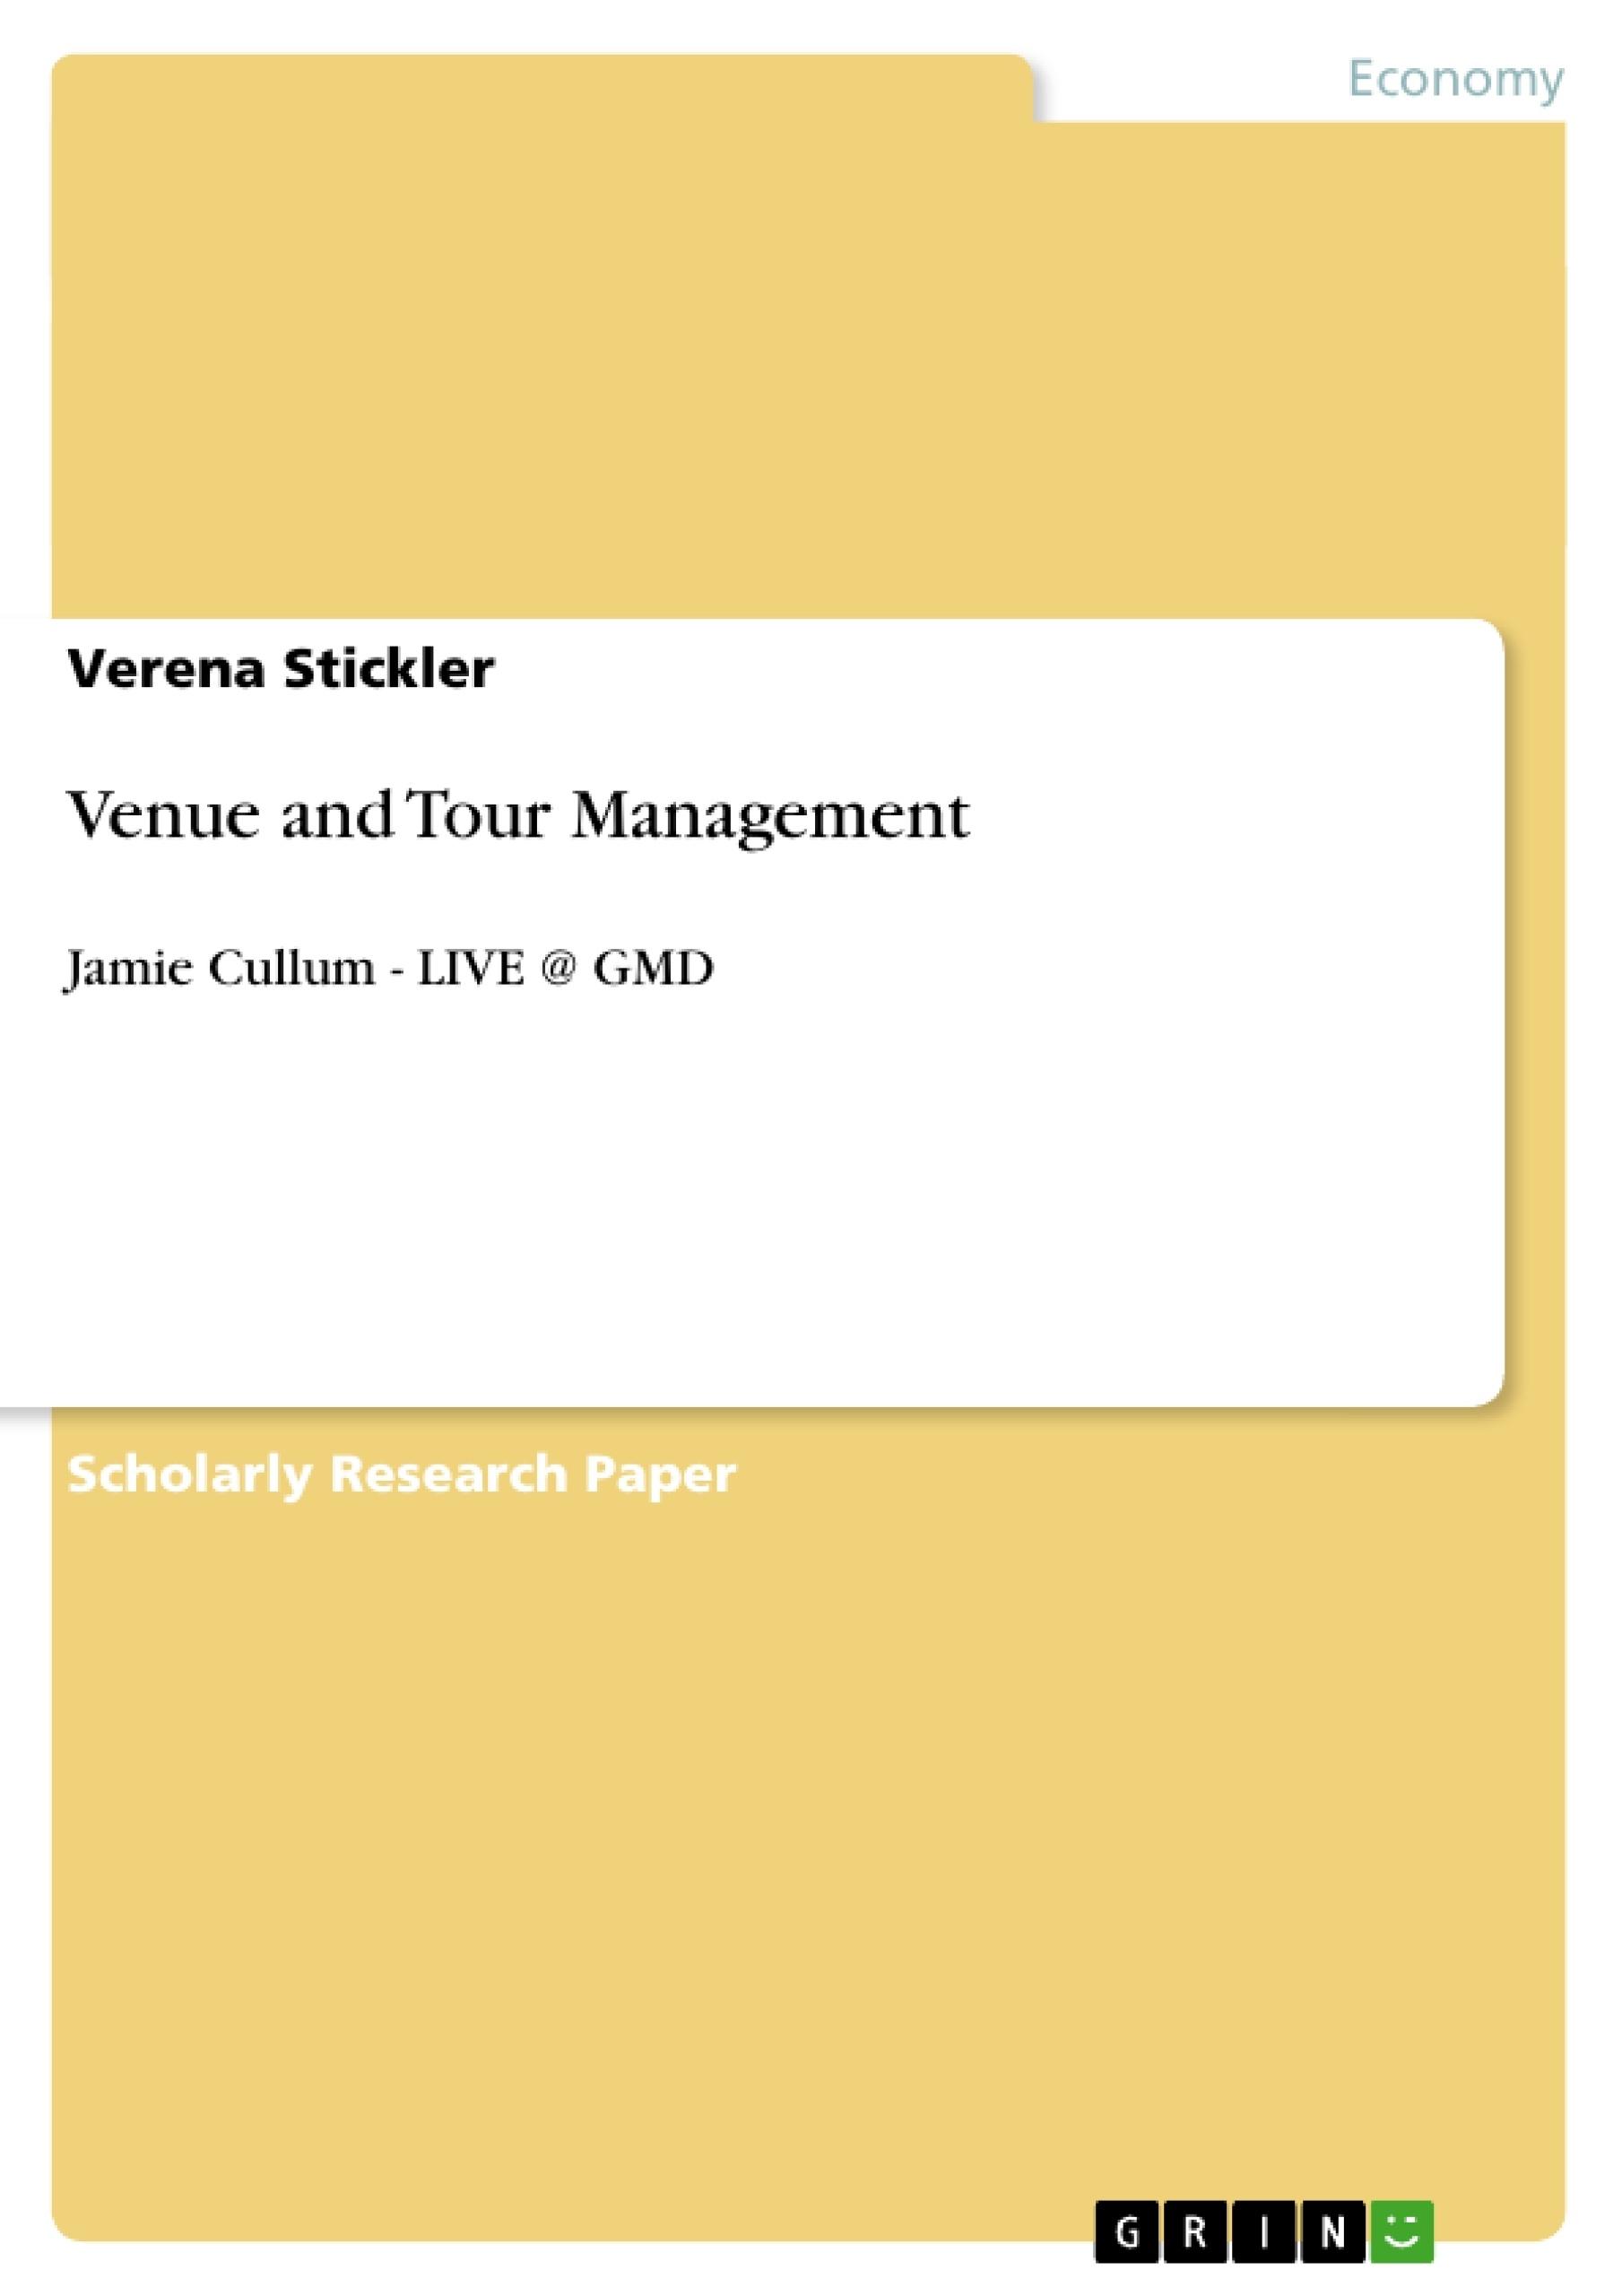 Title: Venue and Tour Management